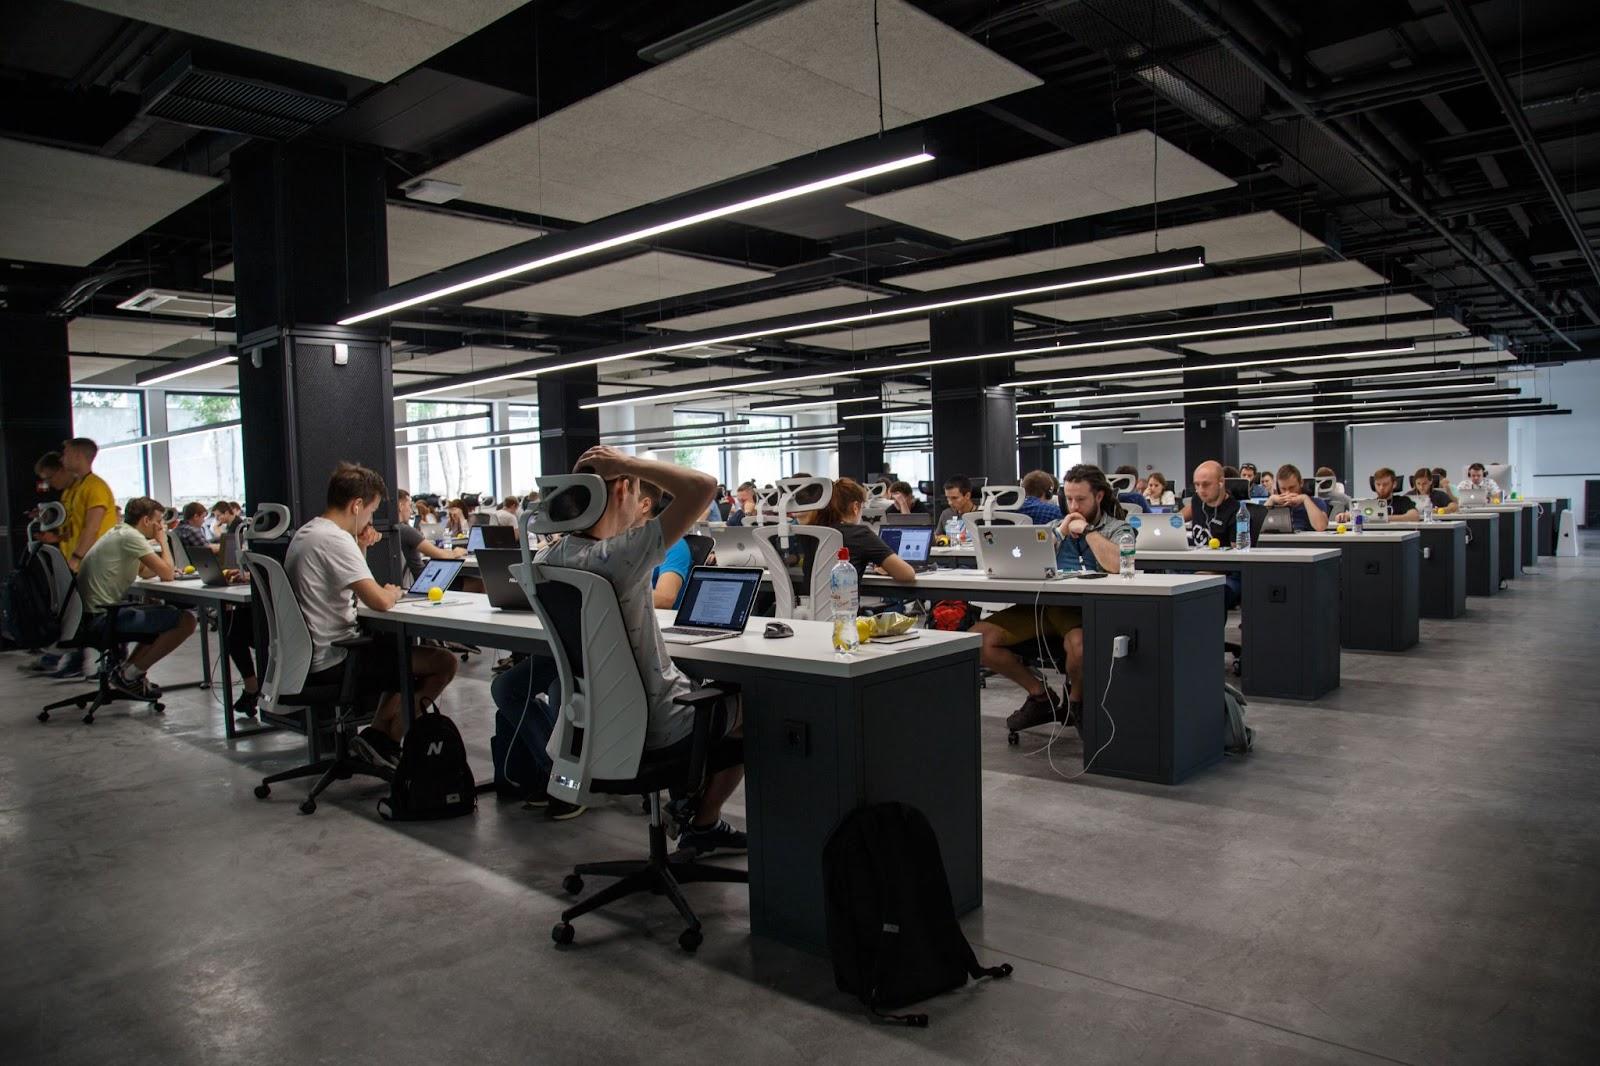 Procura por profissionais da área faz crescer matriculados em cursos de tecnologia.